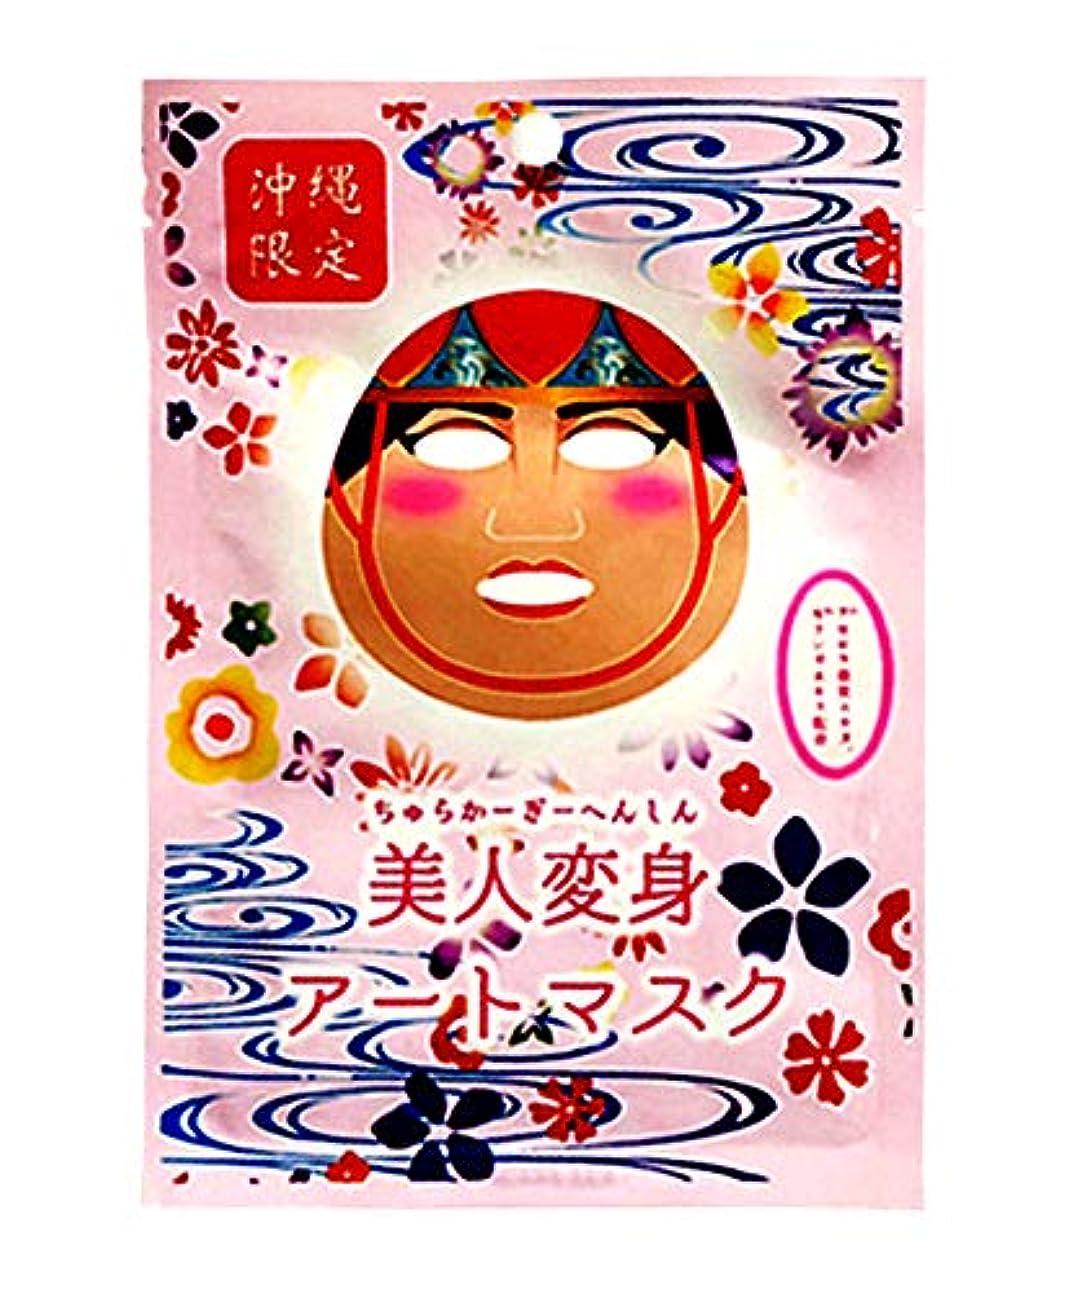 カスケードどちらかホームレス美人変身アートマスク 沖縄限定 アセロラ モリンガ パック